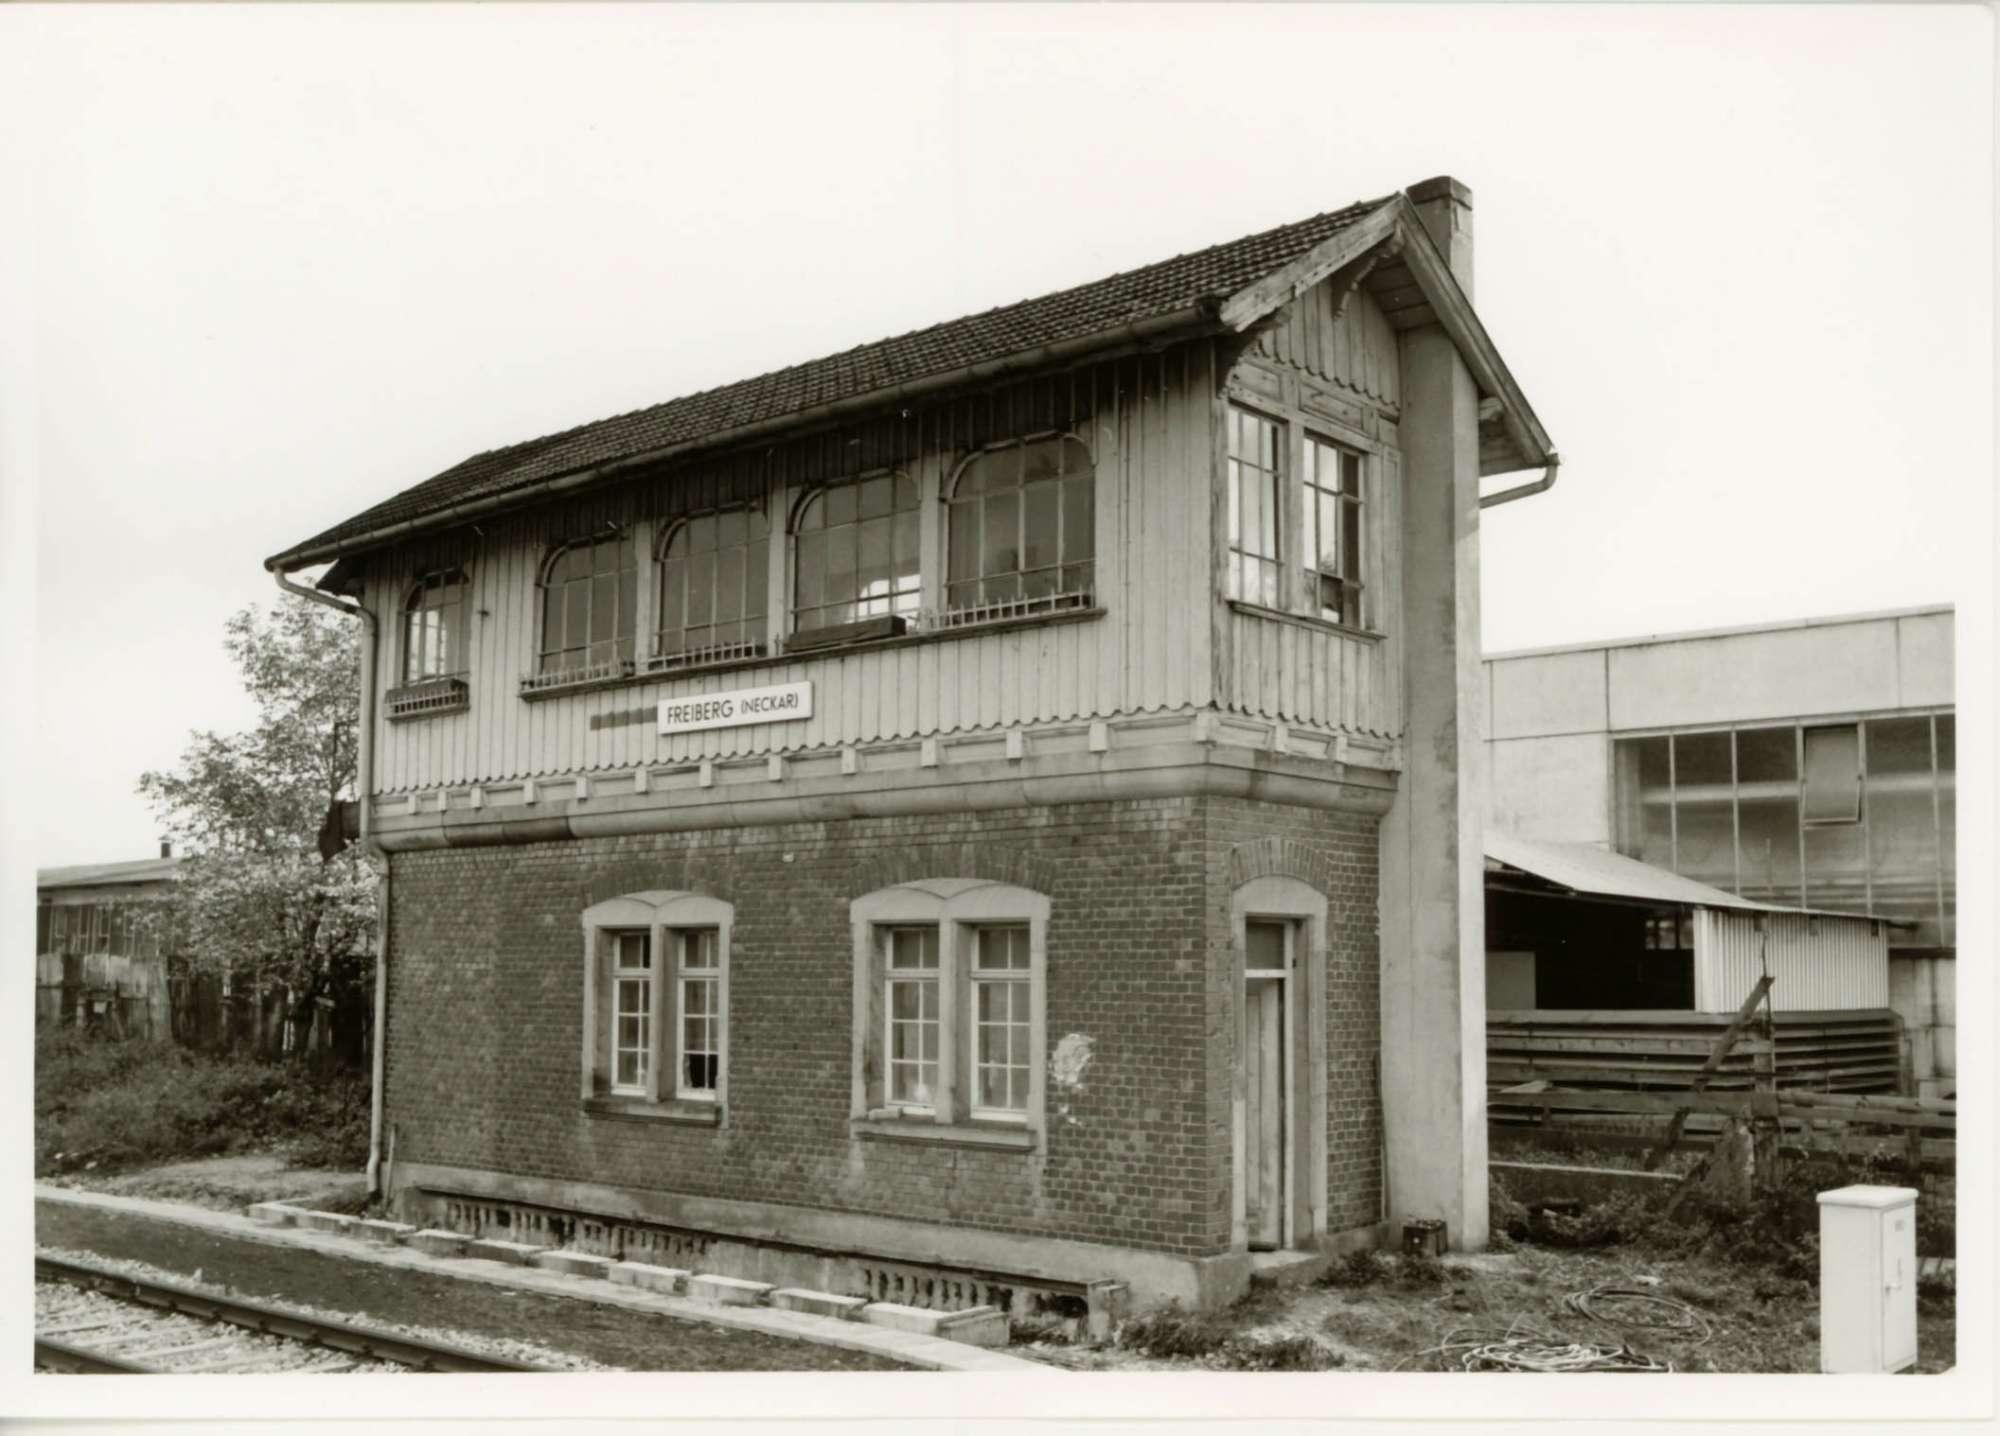 Freiberg am Neckar: 15 Fotos u.a., Bild 1